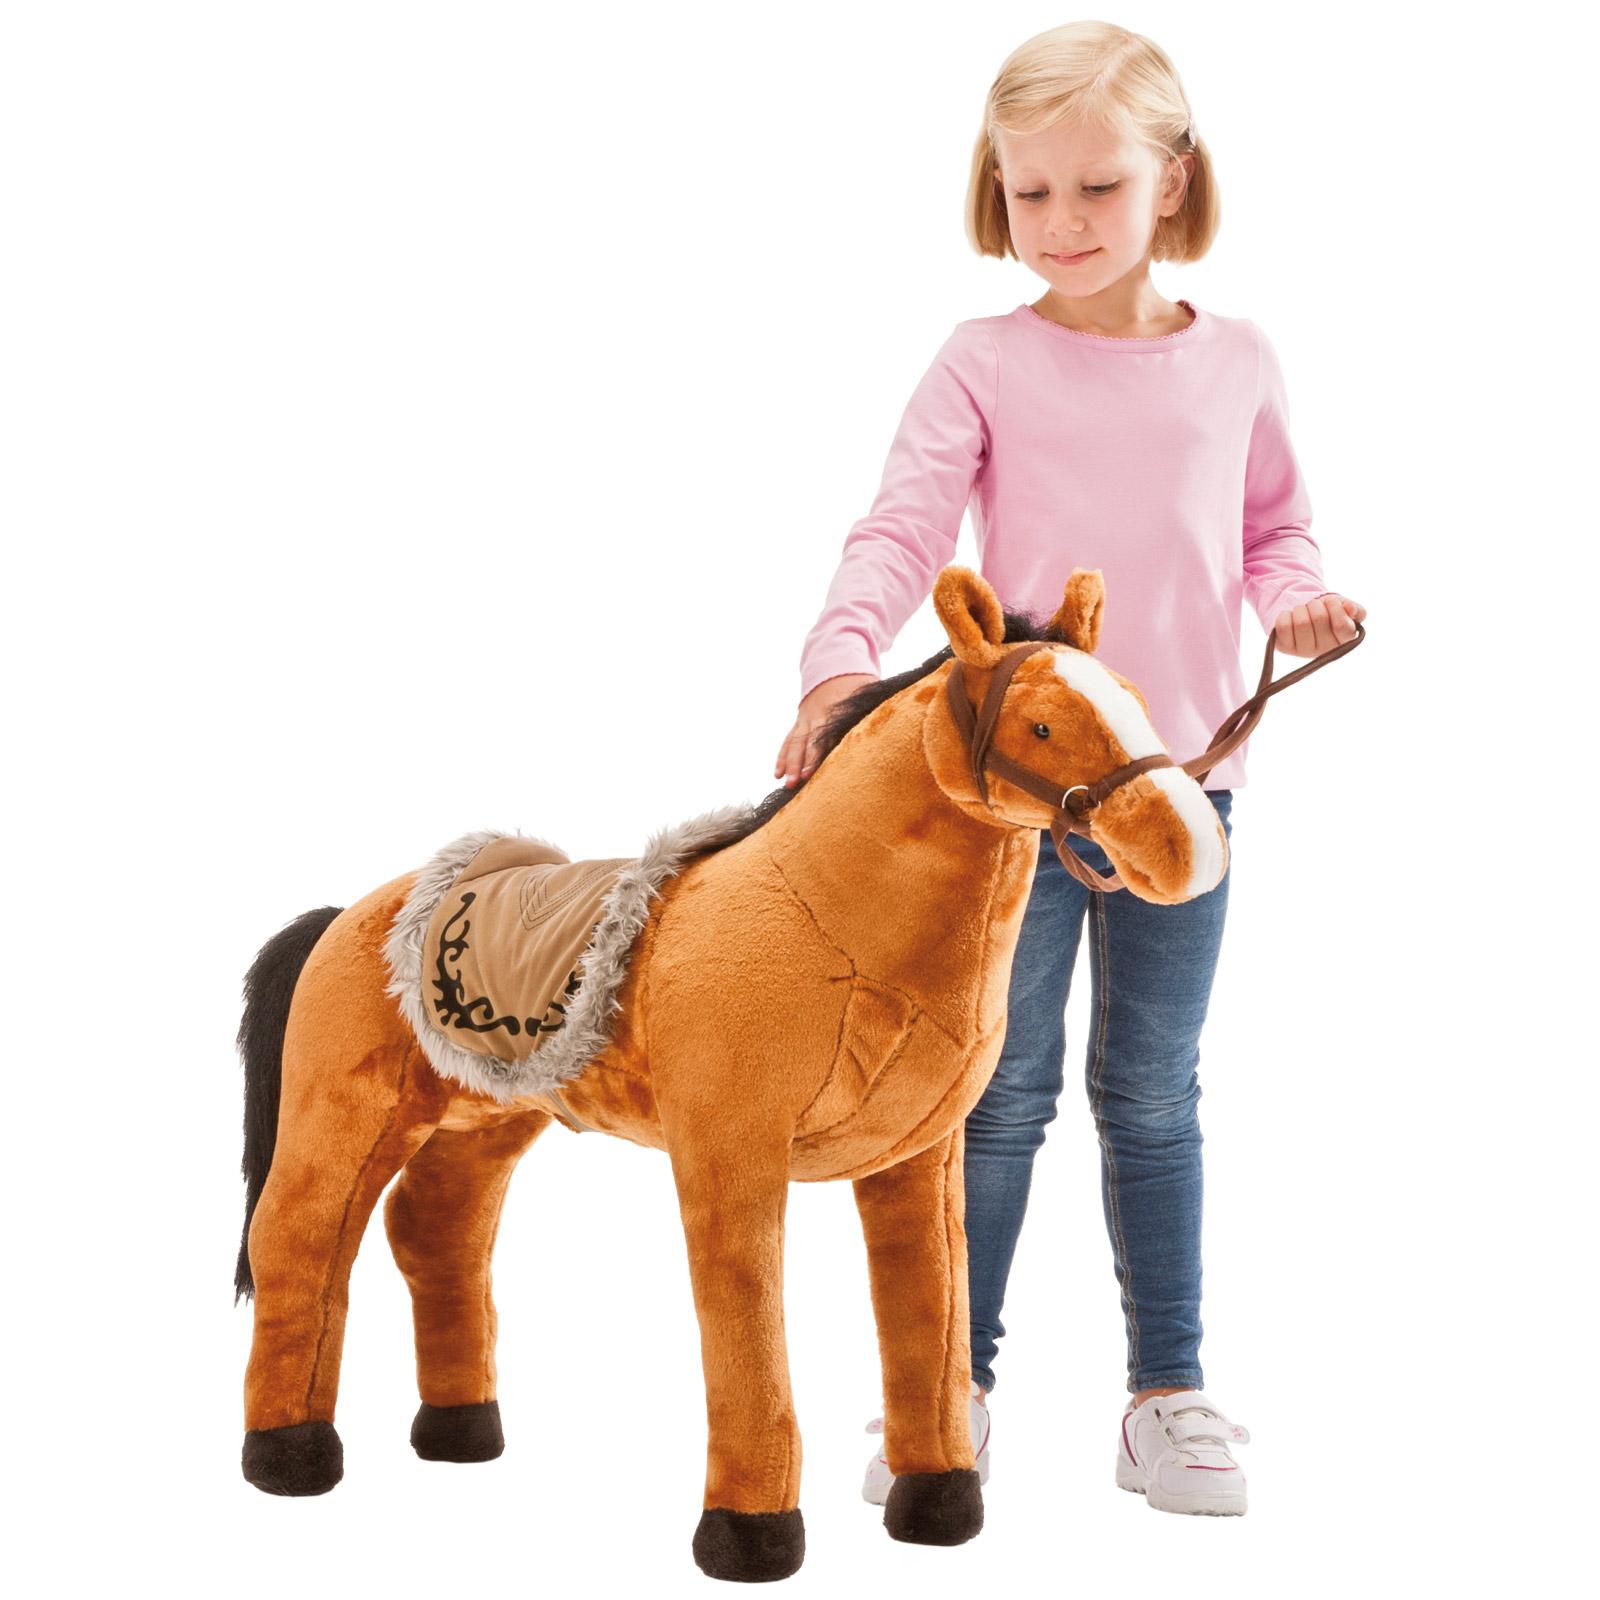 Happy People 58420 Plüschpferd Rotbraunes Pferd mit Sound stehend